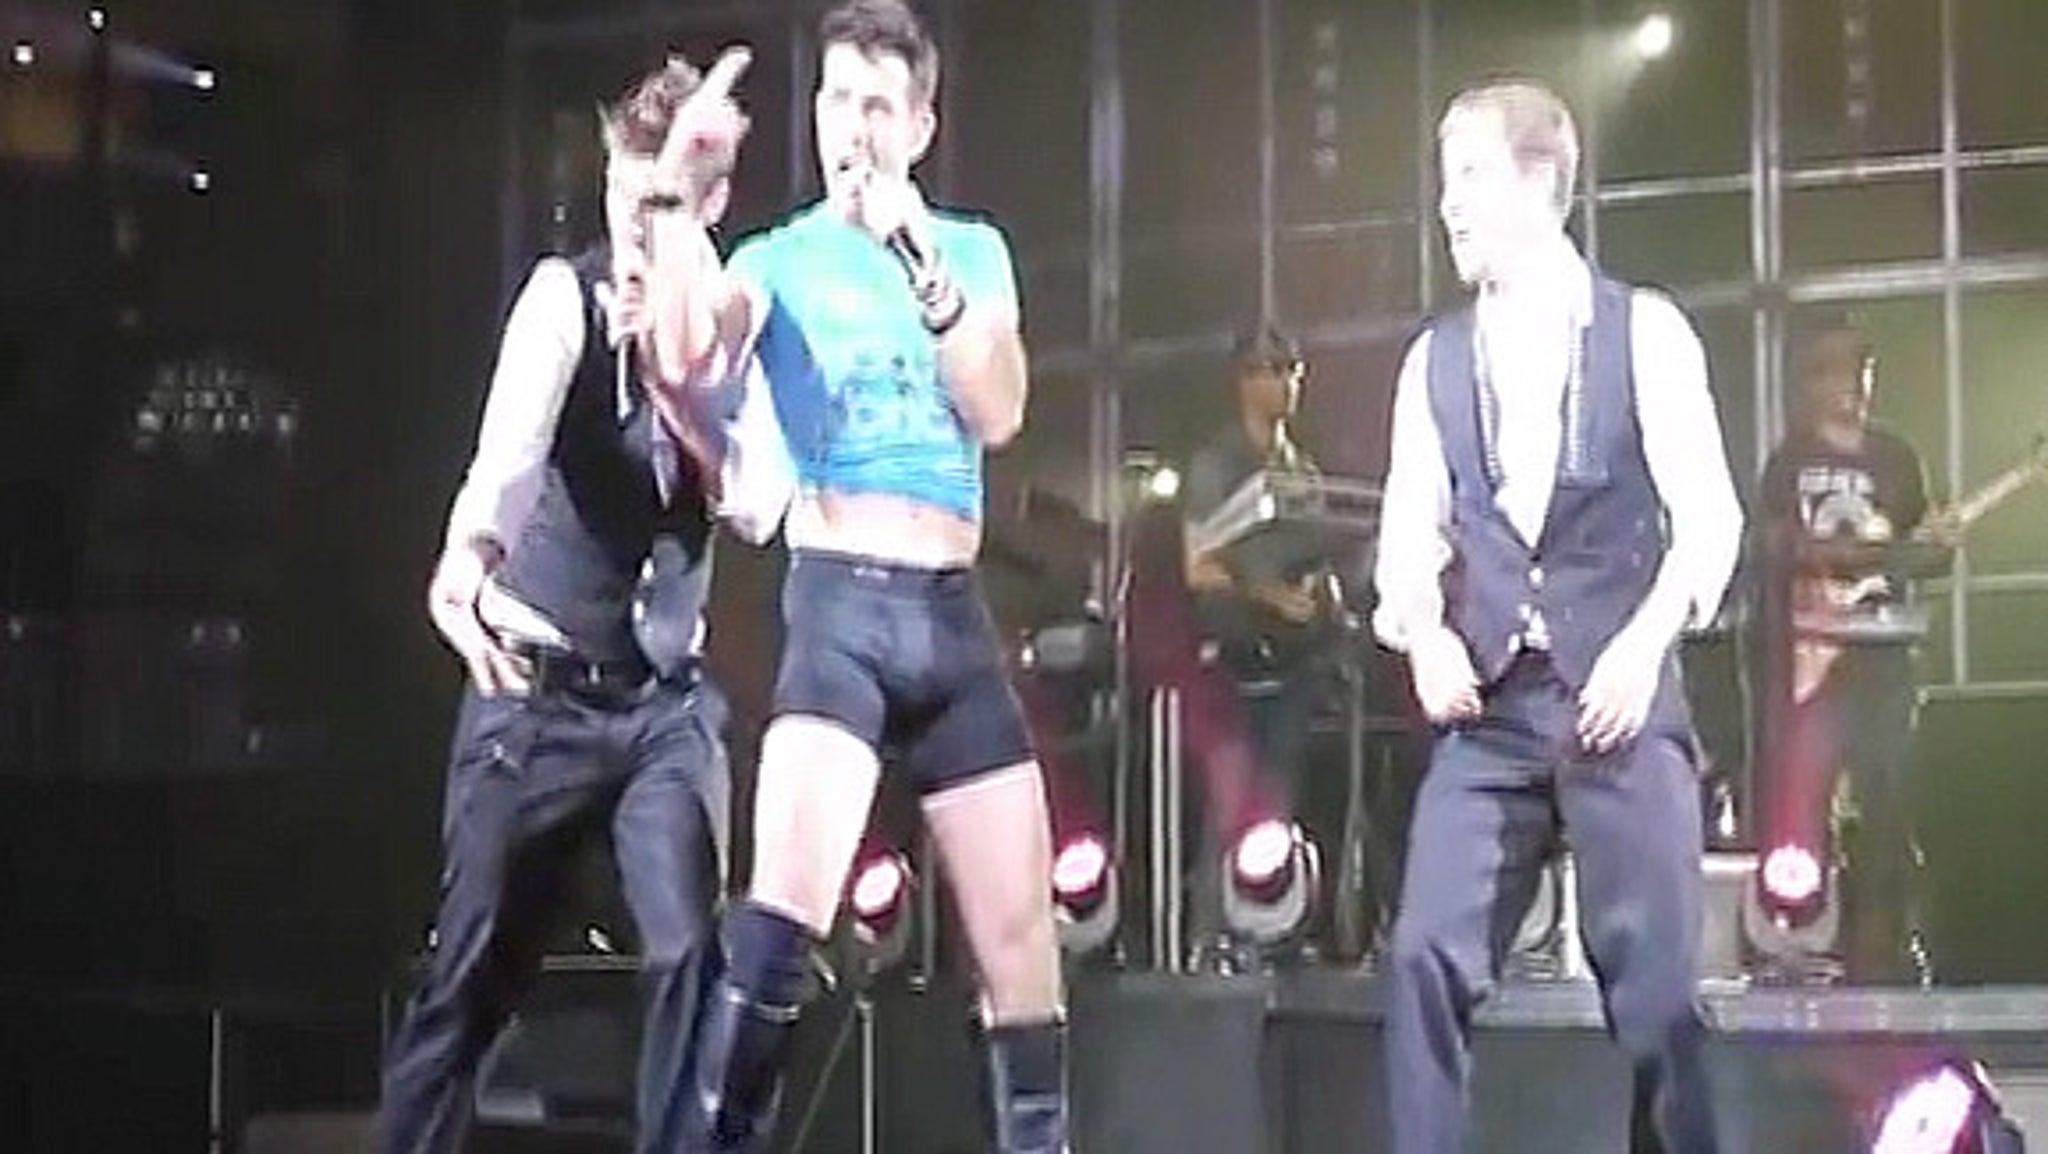 Joey McIntyre, A.J. McLean Perform Last NKOTBSB Show in